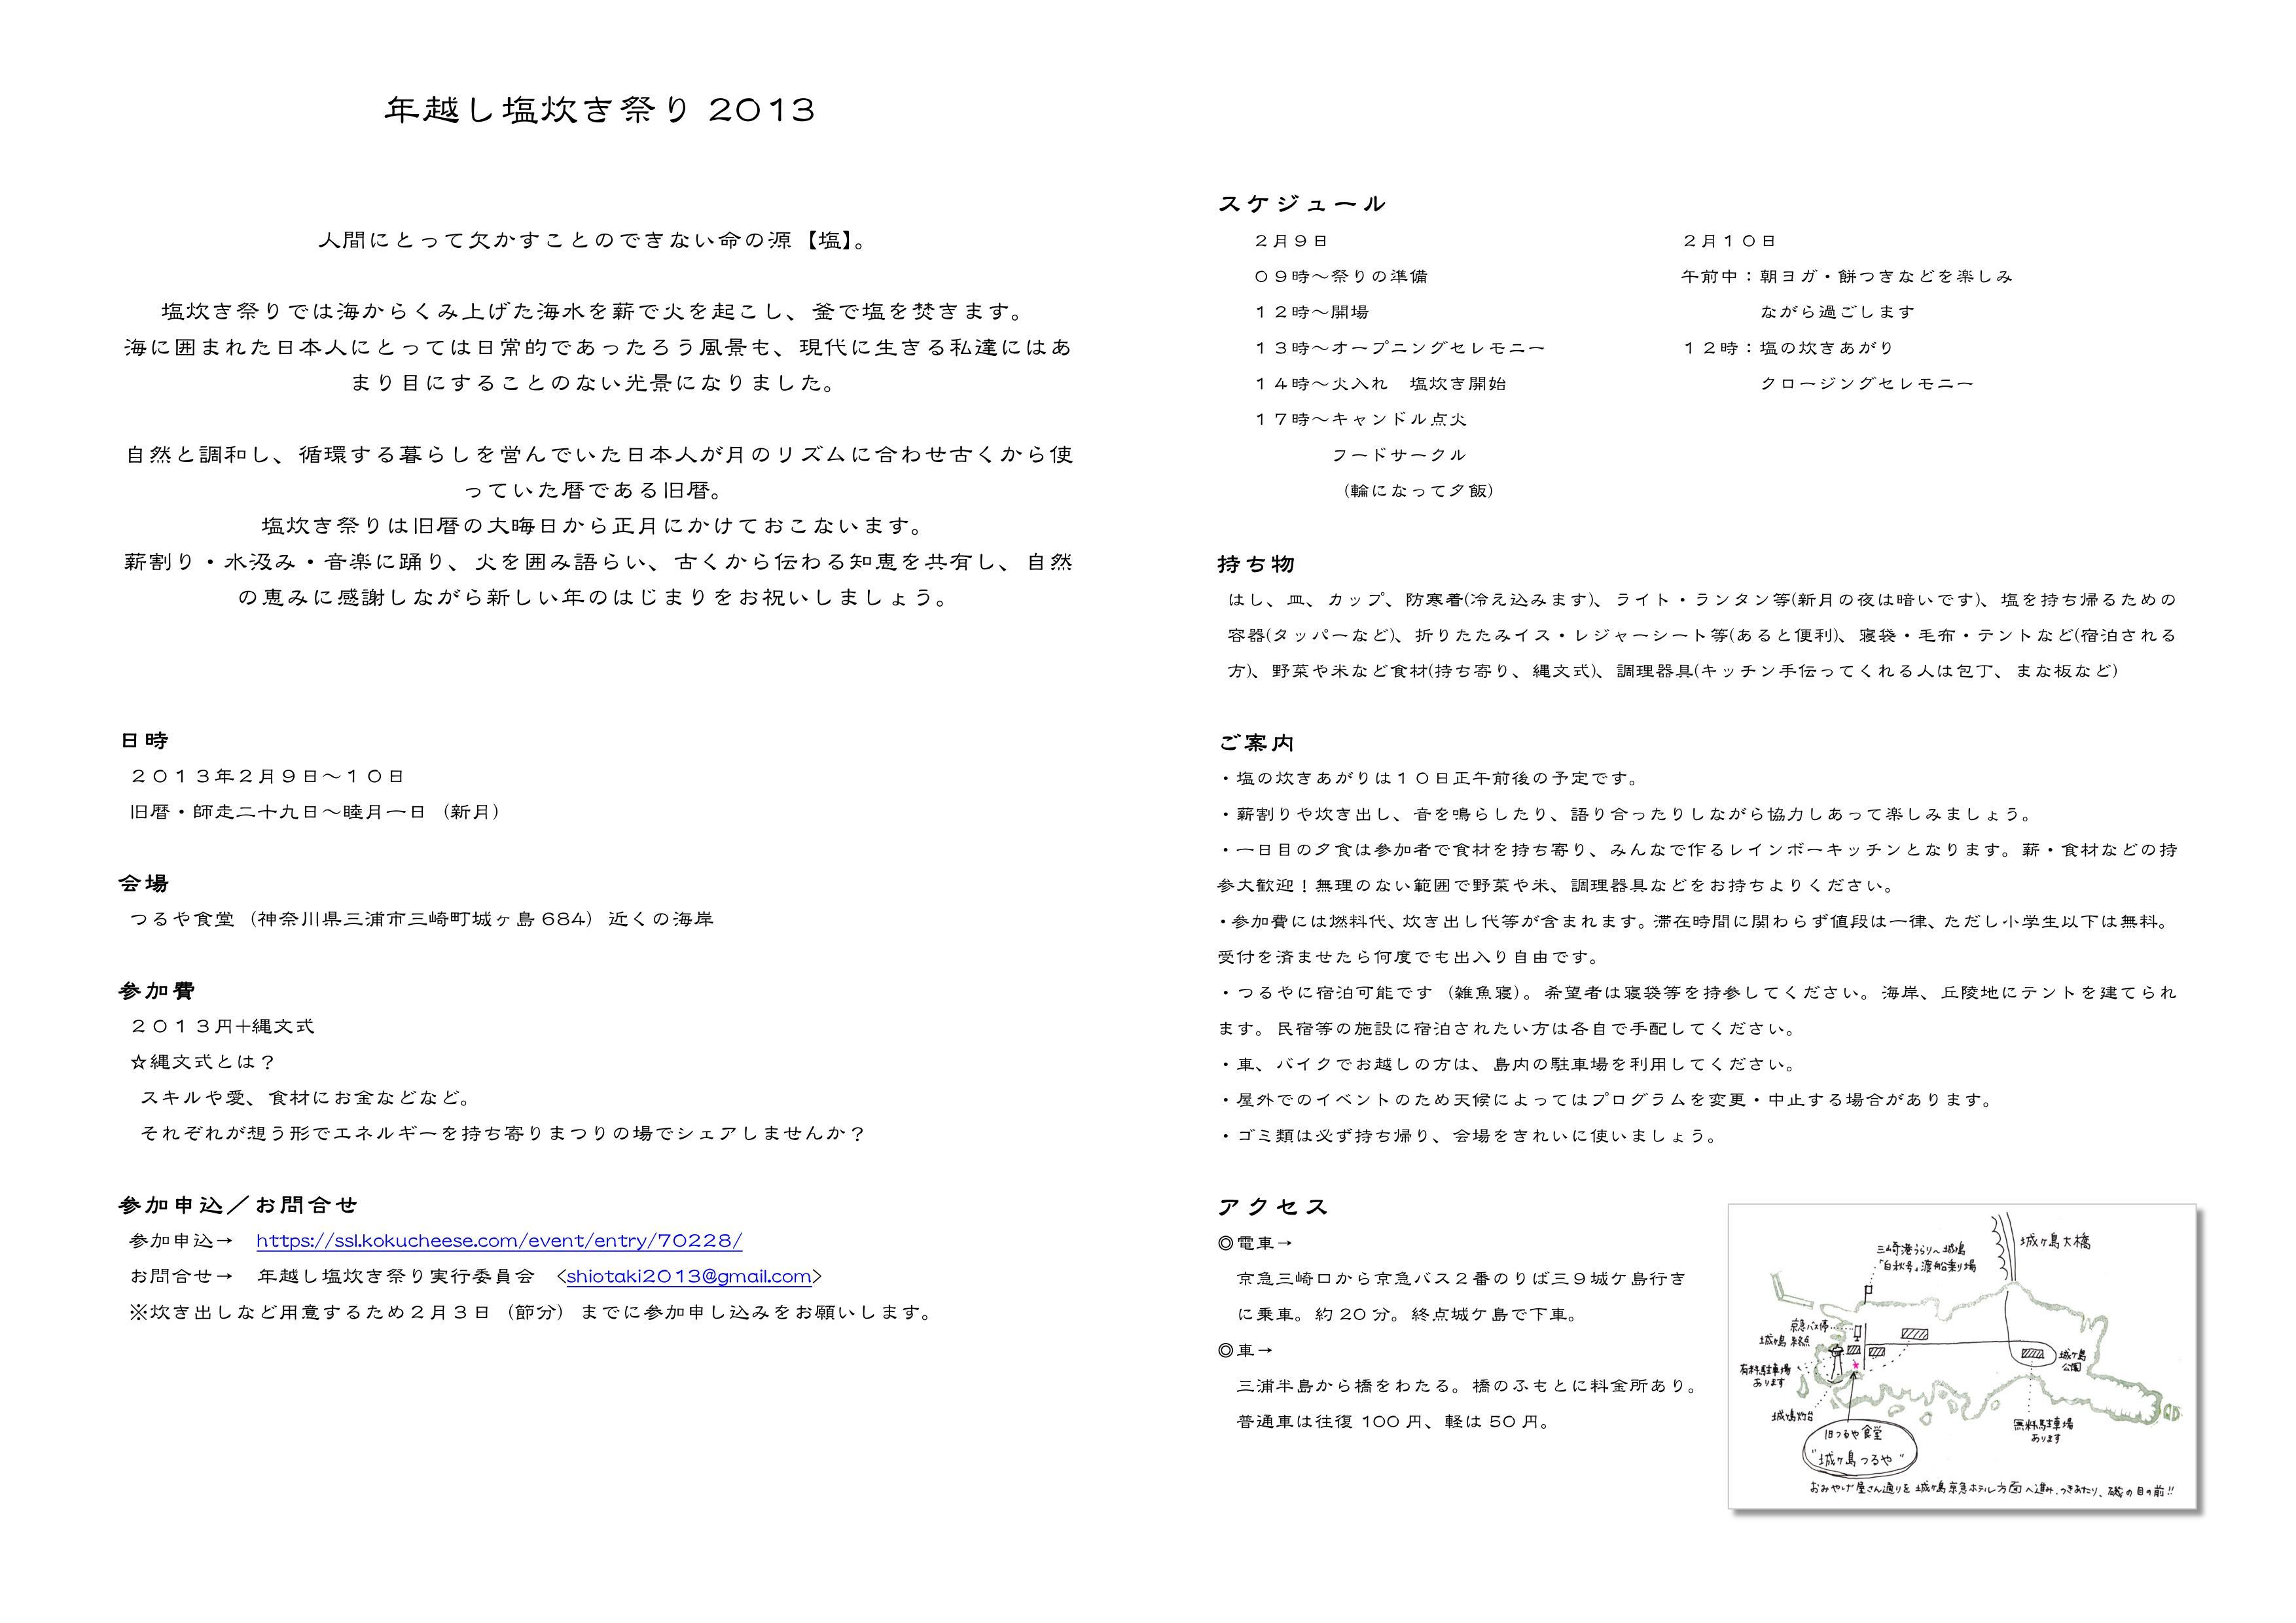 2月9日~10日 年越し塩炊き祭り @三浦